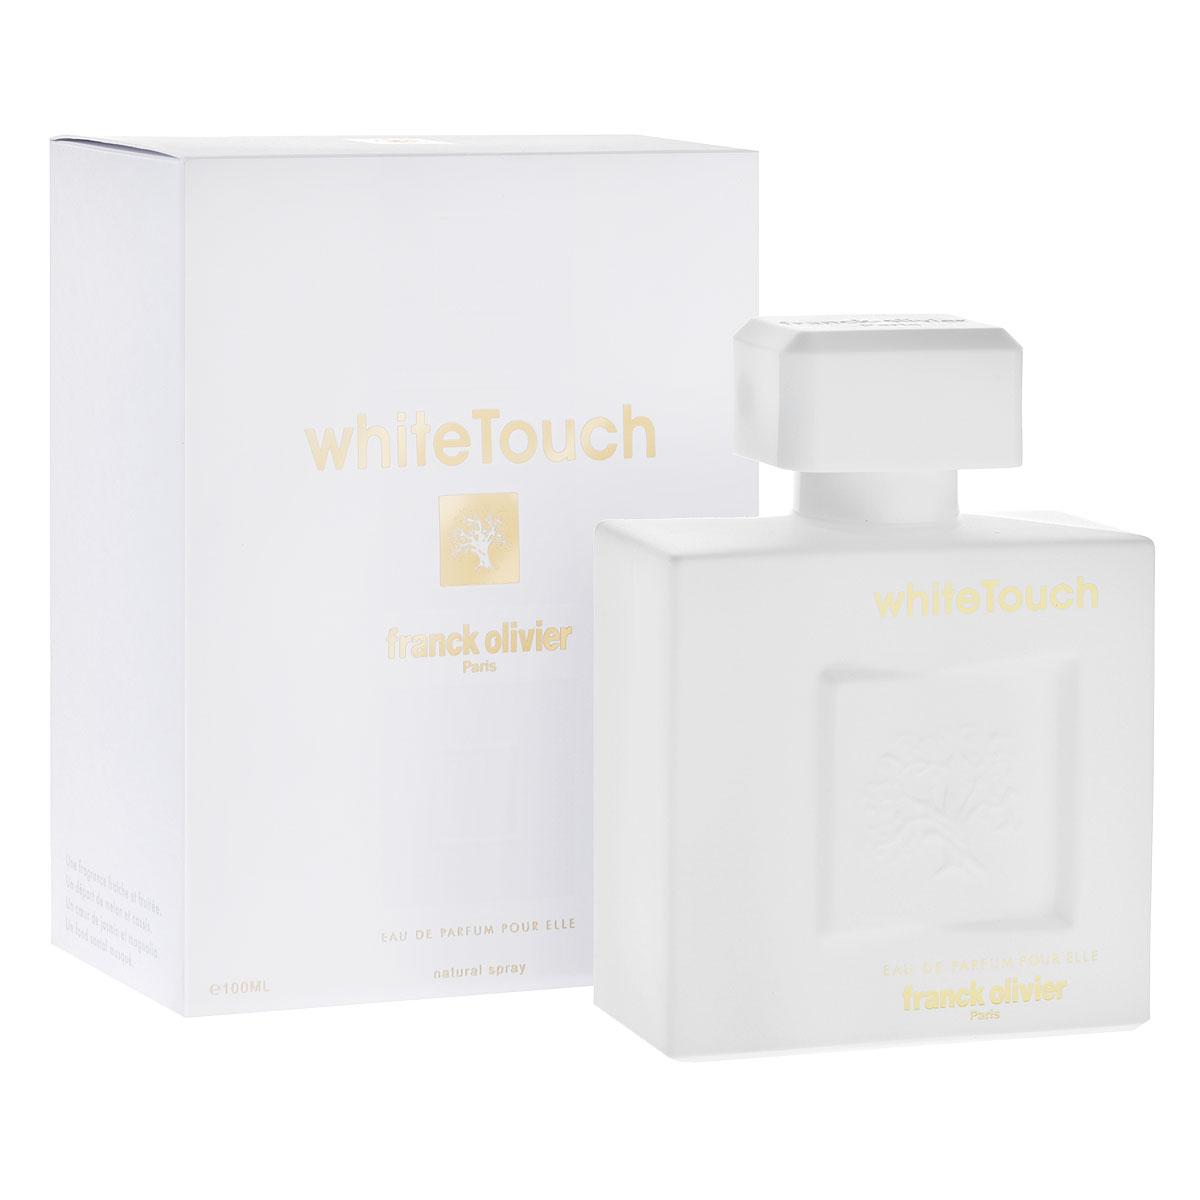 Franck Olivier Парфюмерная вода White Touch, женская, 100 мл franck olivier парфюмерная вода sun java white женская 50 мл